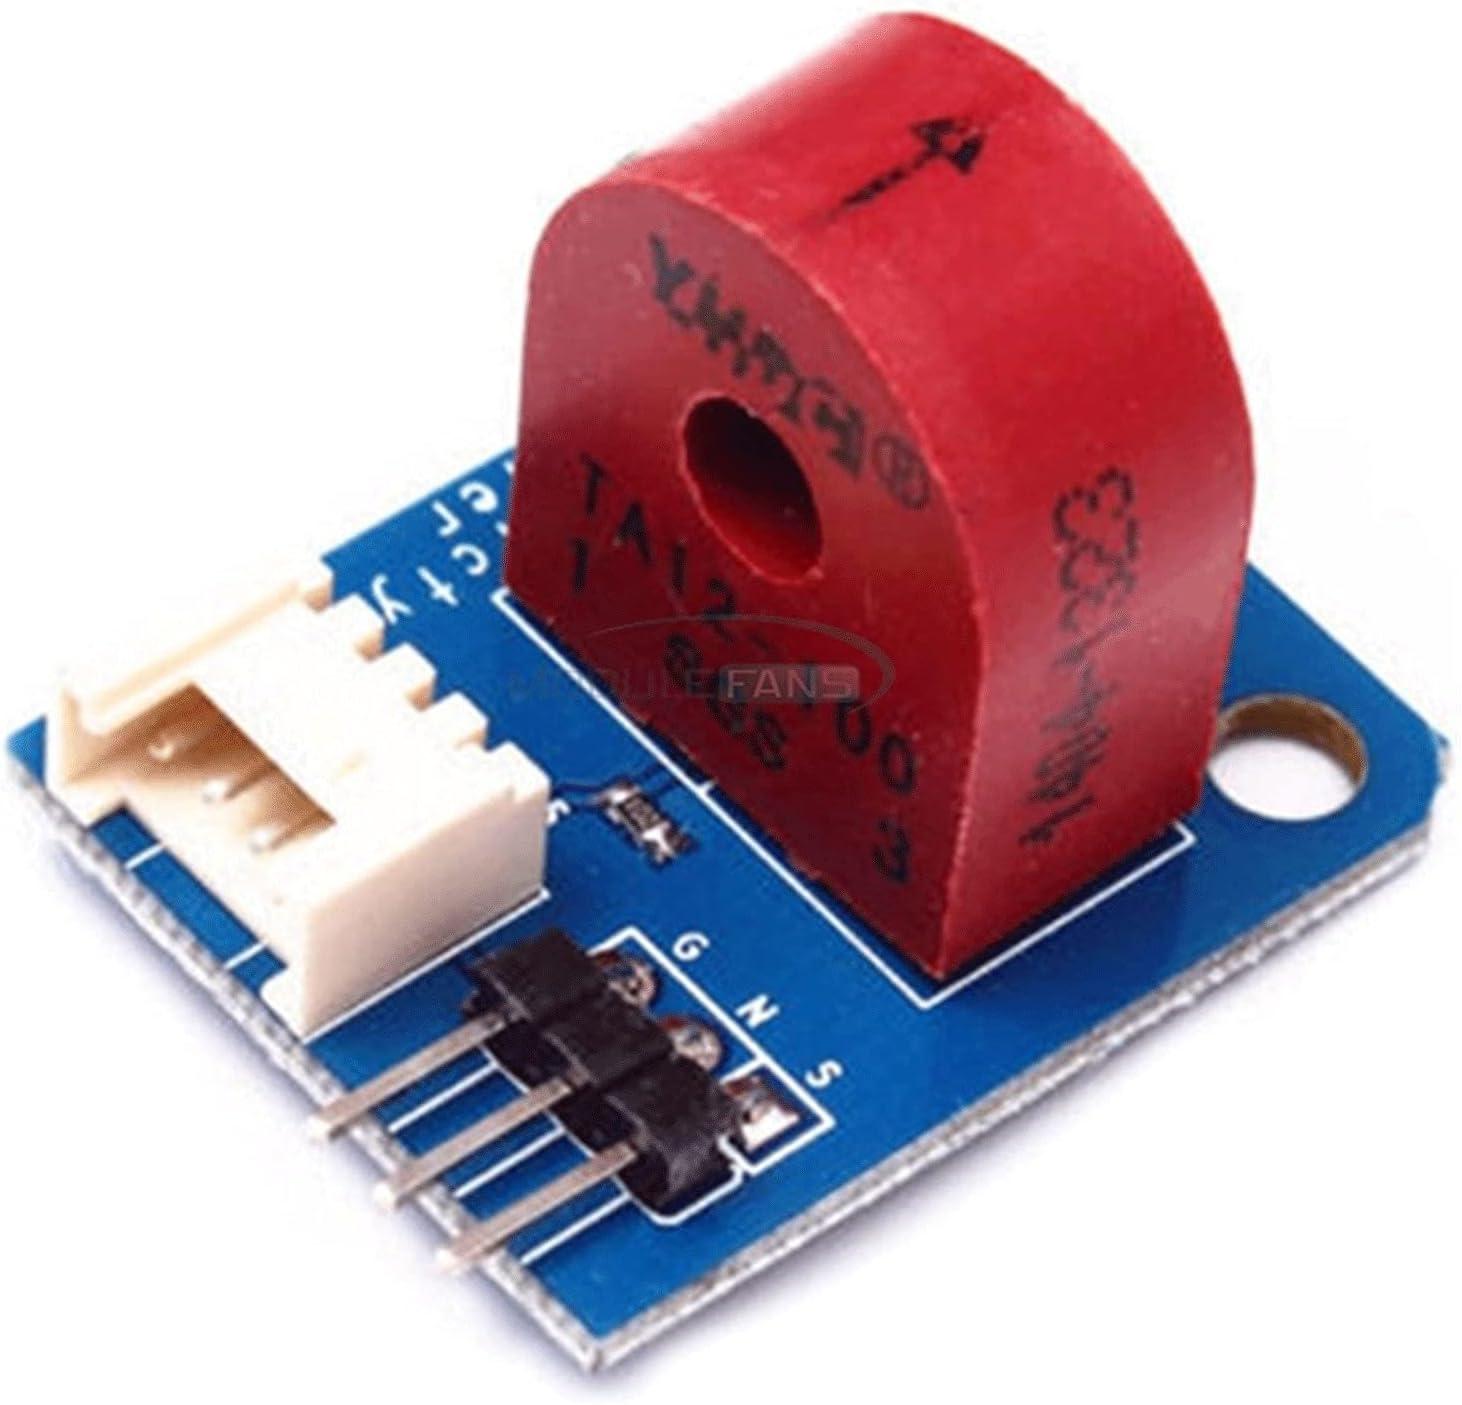 ZRYYD Módulo de medidor de Corriente analógico AC 5A Ammeter Sensor de Electricidad Tablero del módulo para Arduino Lick 5V E/S A12-100 Transformador de Corriente